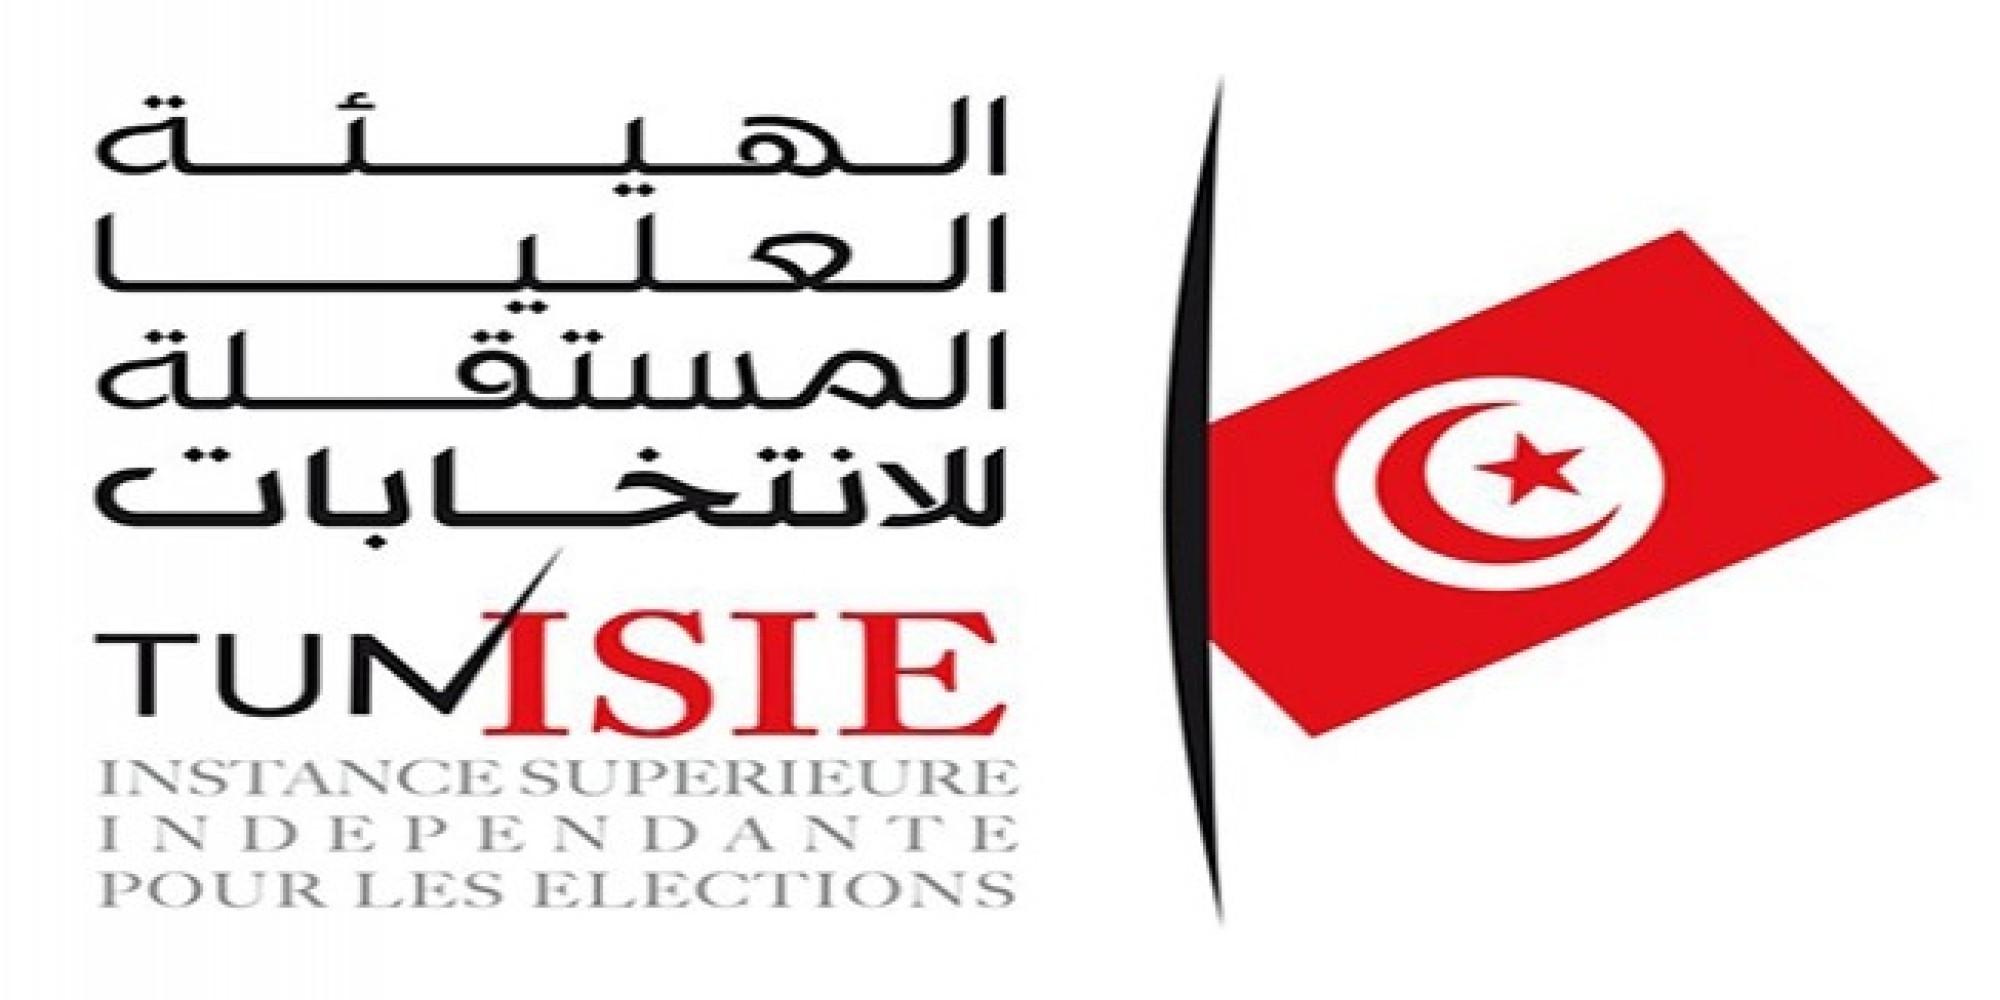 الهيئة العليا للانتخابات بتونس تتلقى دفعة مالية بقيمة 10 مليون دينار